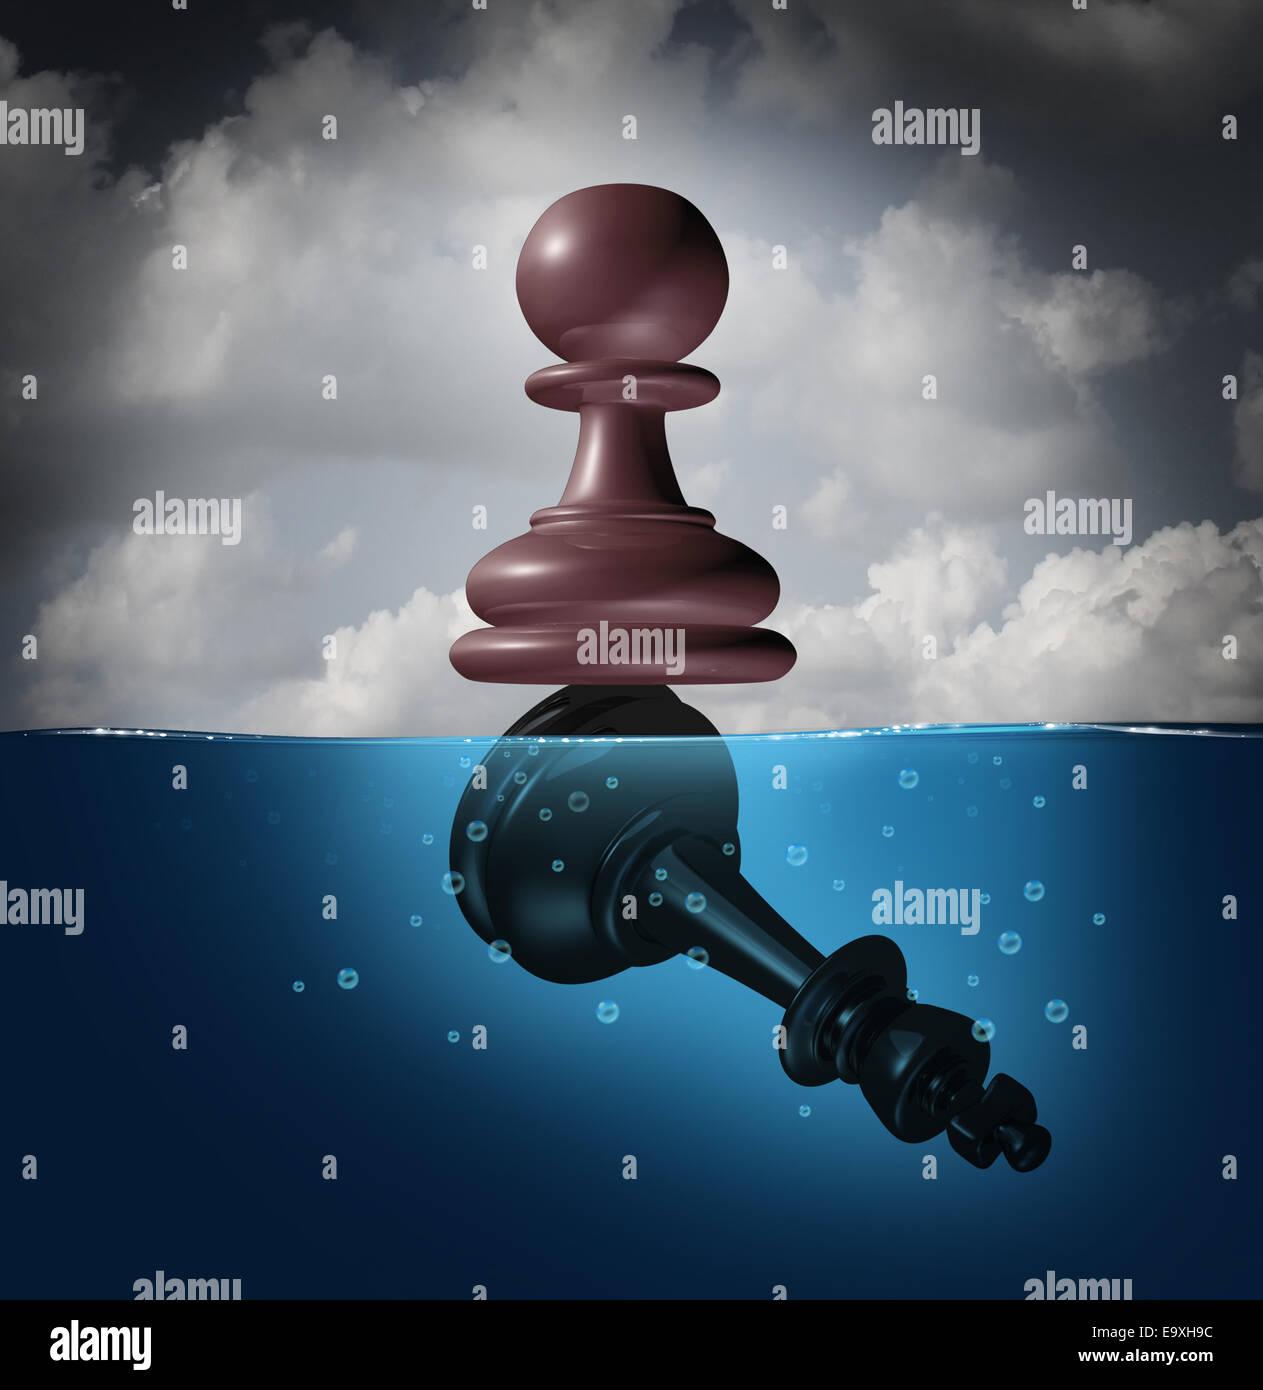 Il vincitore e campione del concetto di successo come una pedina di scacchi pezzo permanente sulla sommità Immagini Stock